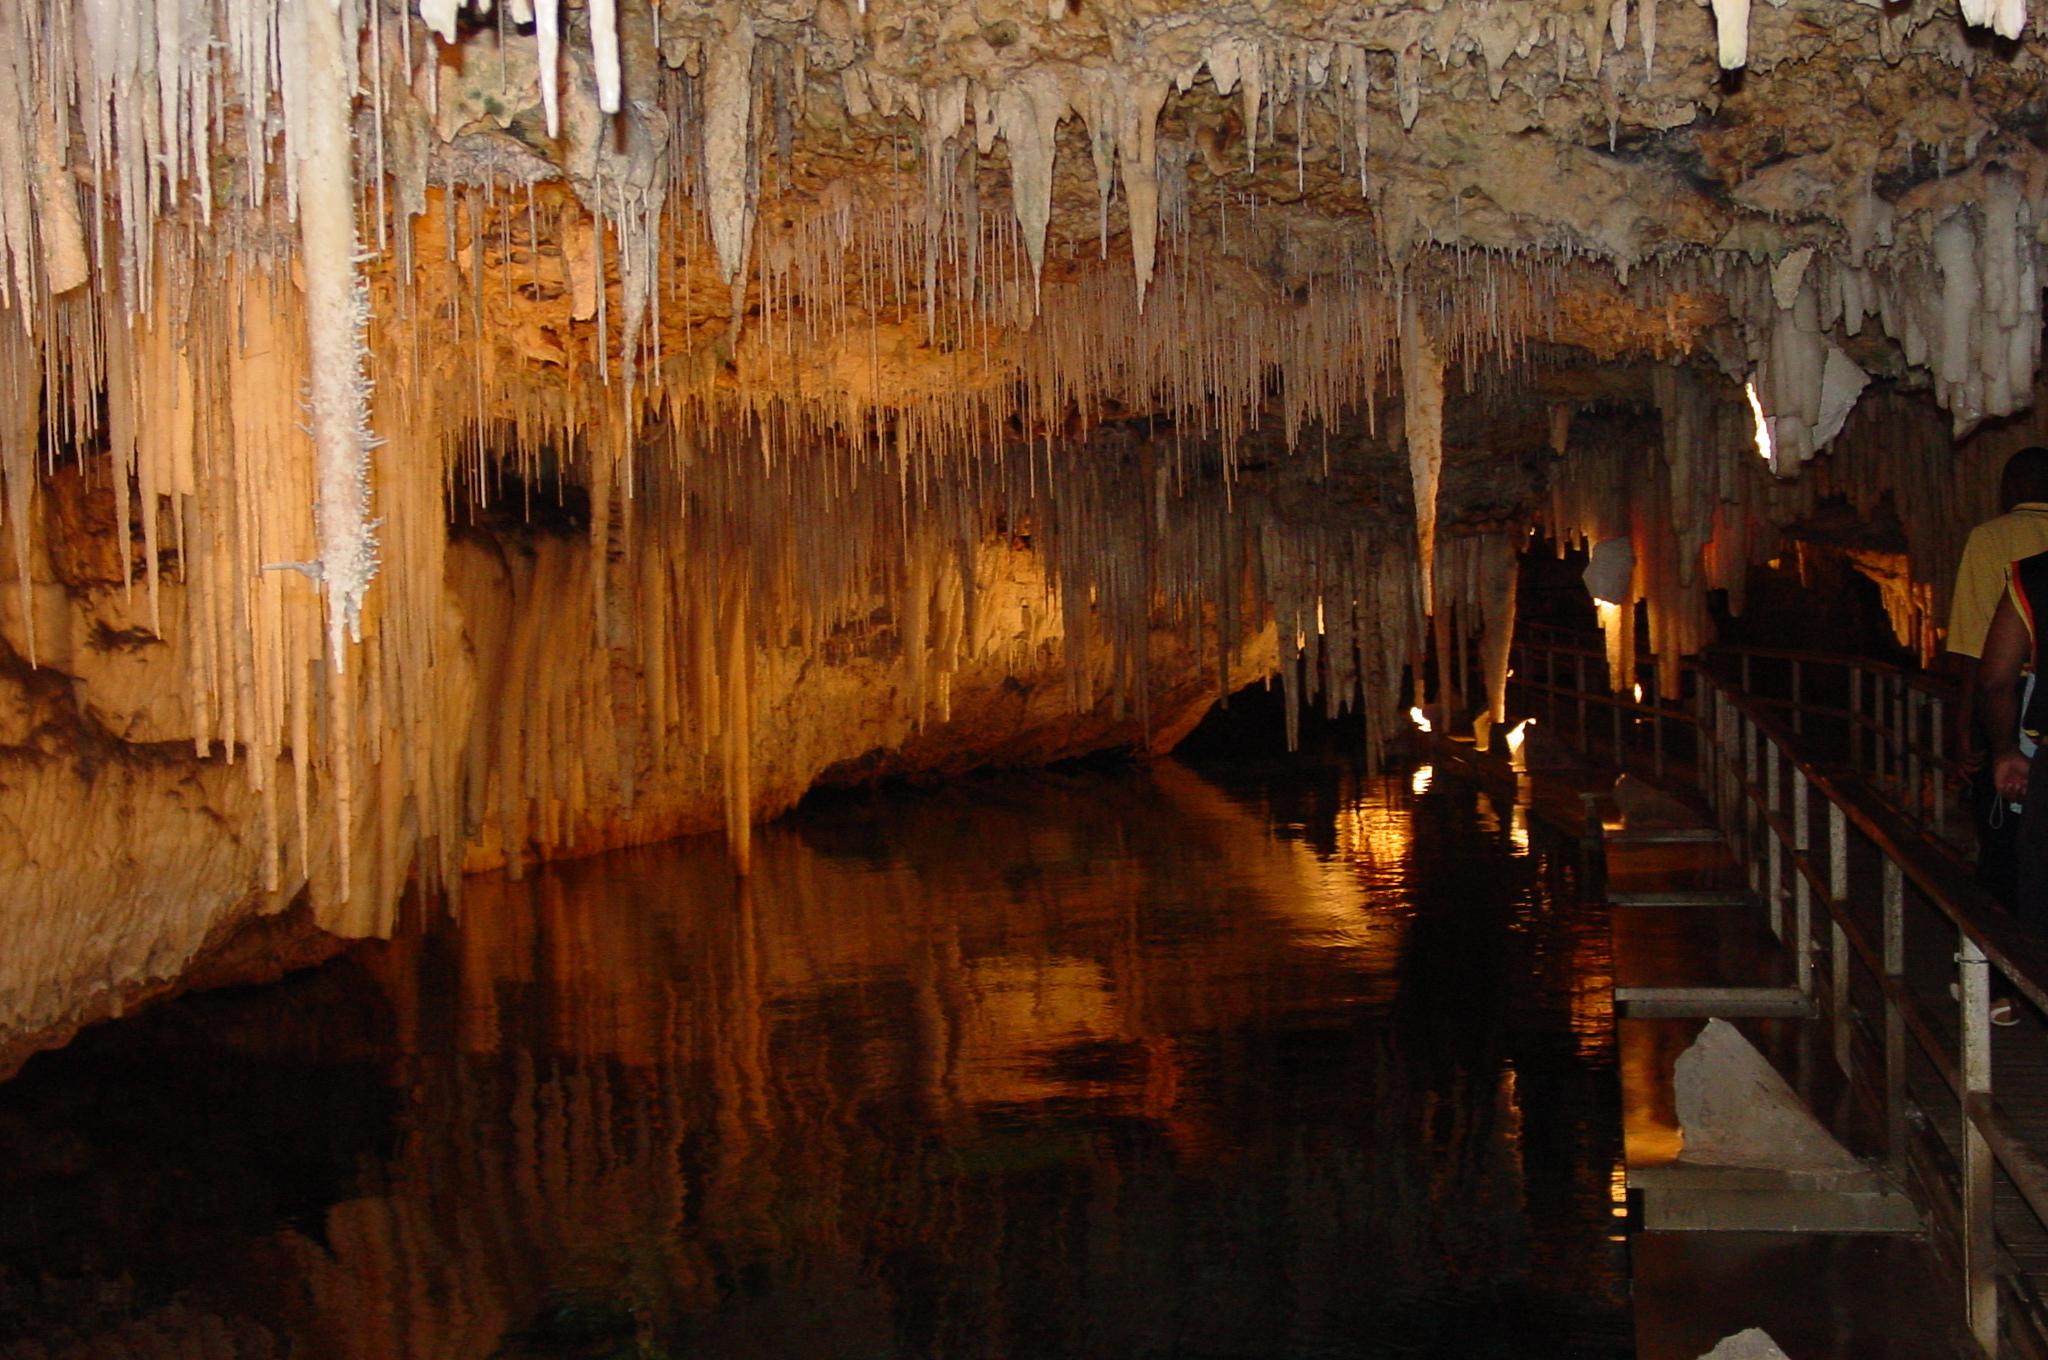 Crystal_Cave_Bermuda_1.jpg